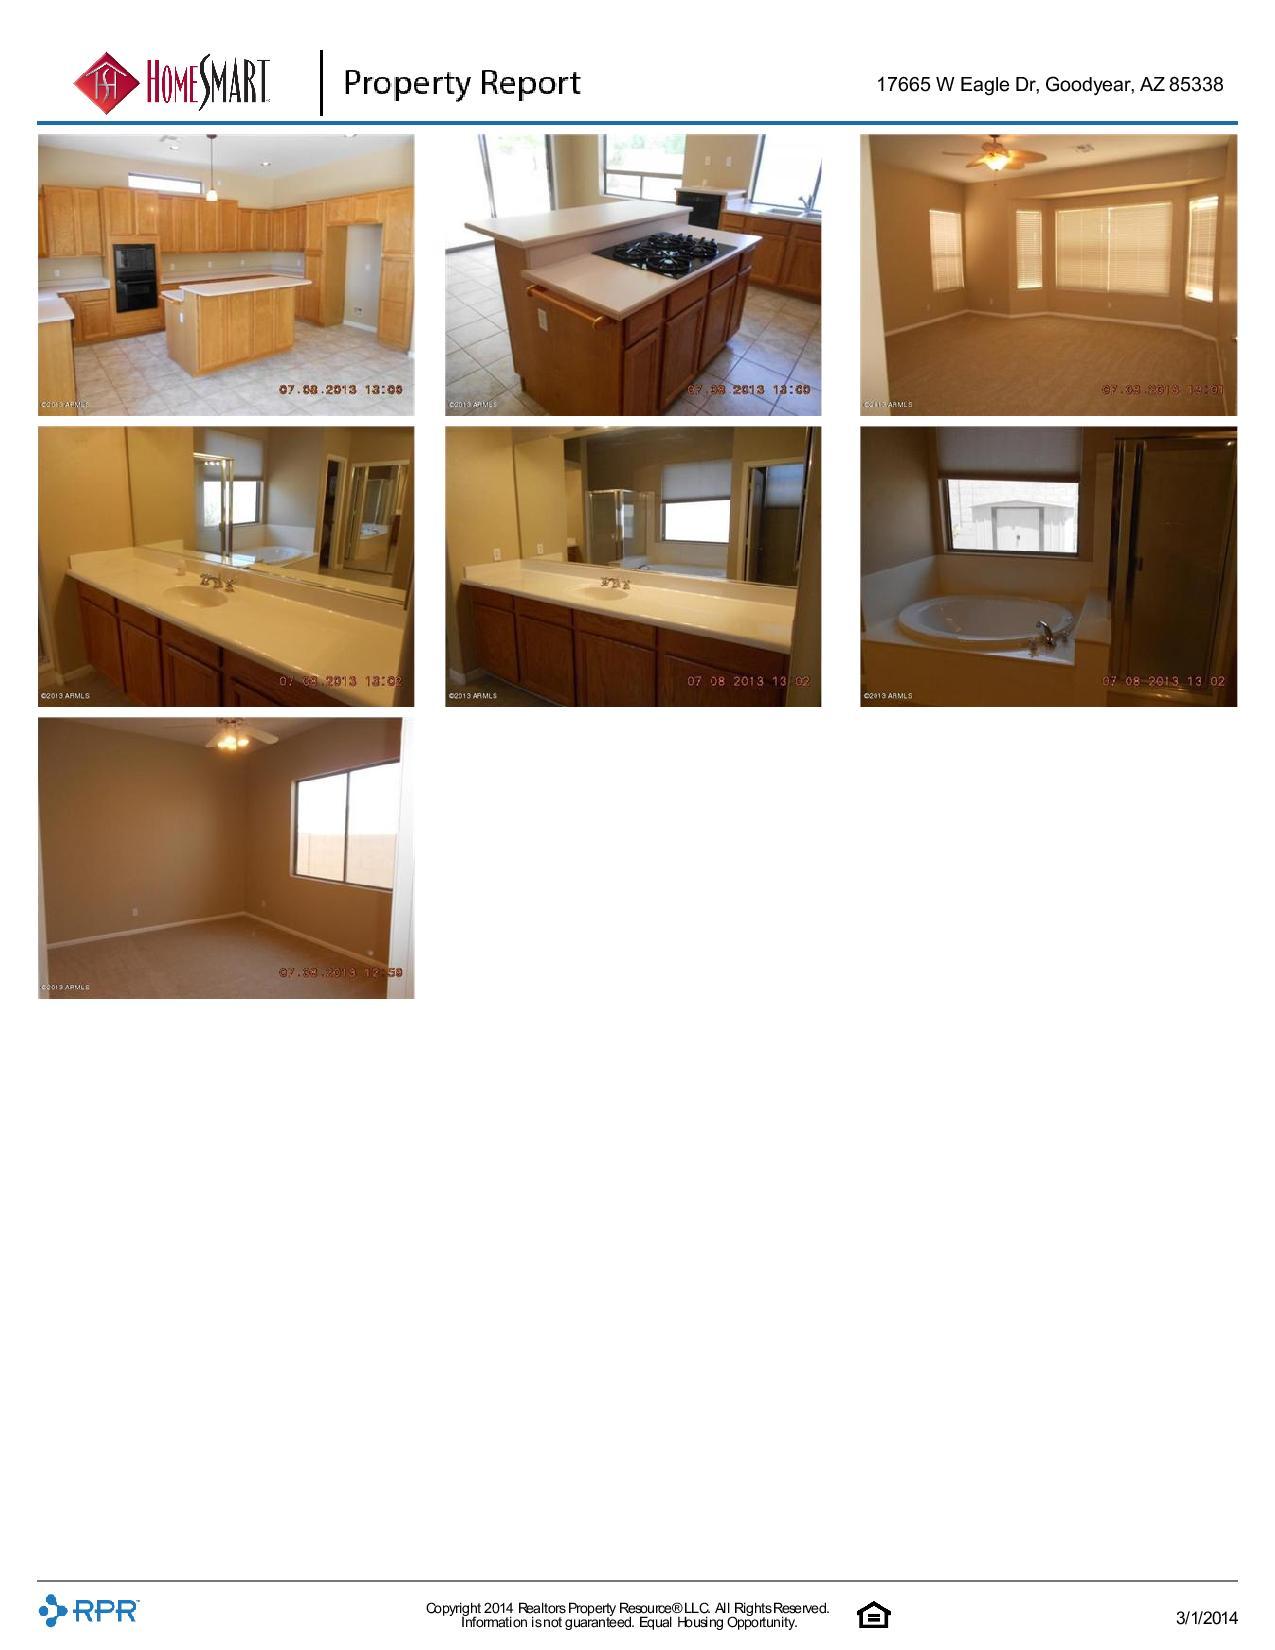 17665-W-Eagle-Dr-Goodyear-AZ-85338-page-006